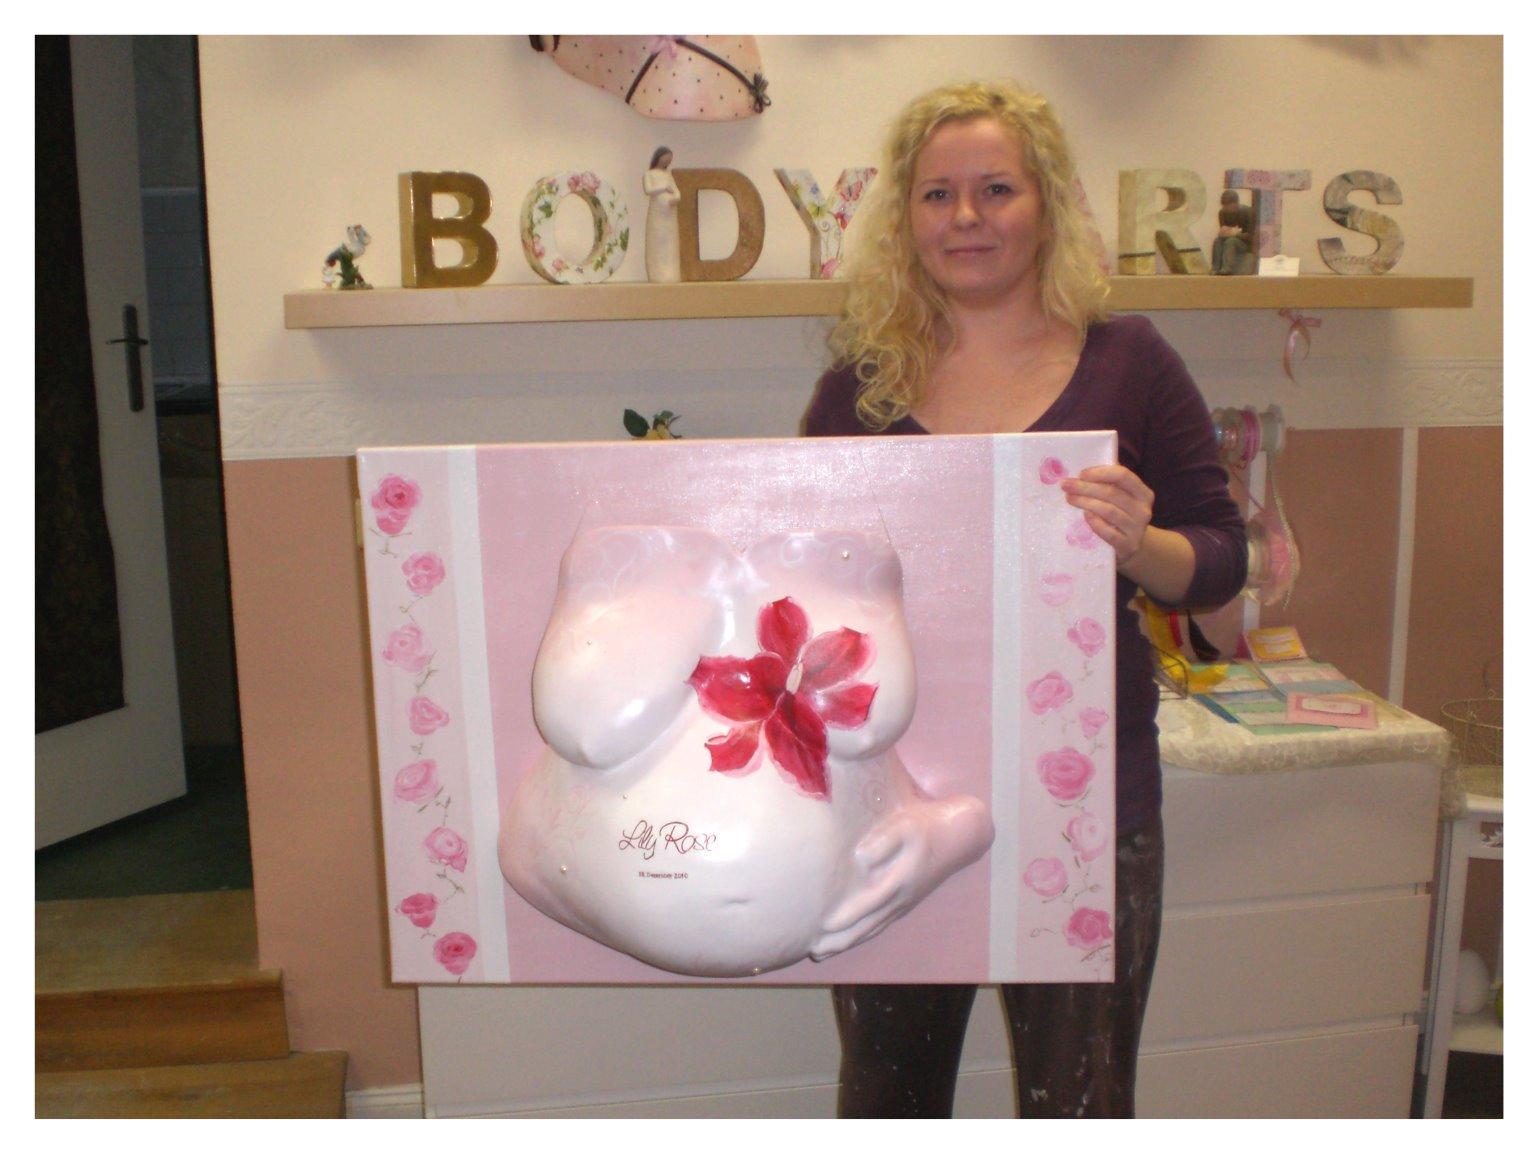 schwangerschaft baby erinnerungen schaffen und schenken 2011 01 30. Black Bedroom Furniture Sets. Home Design Ideas